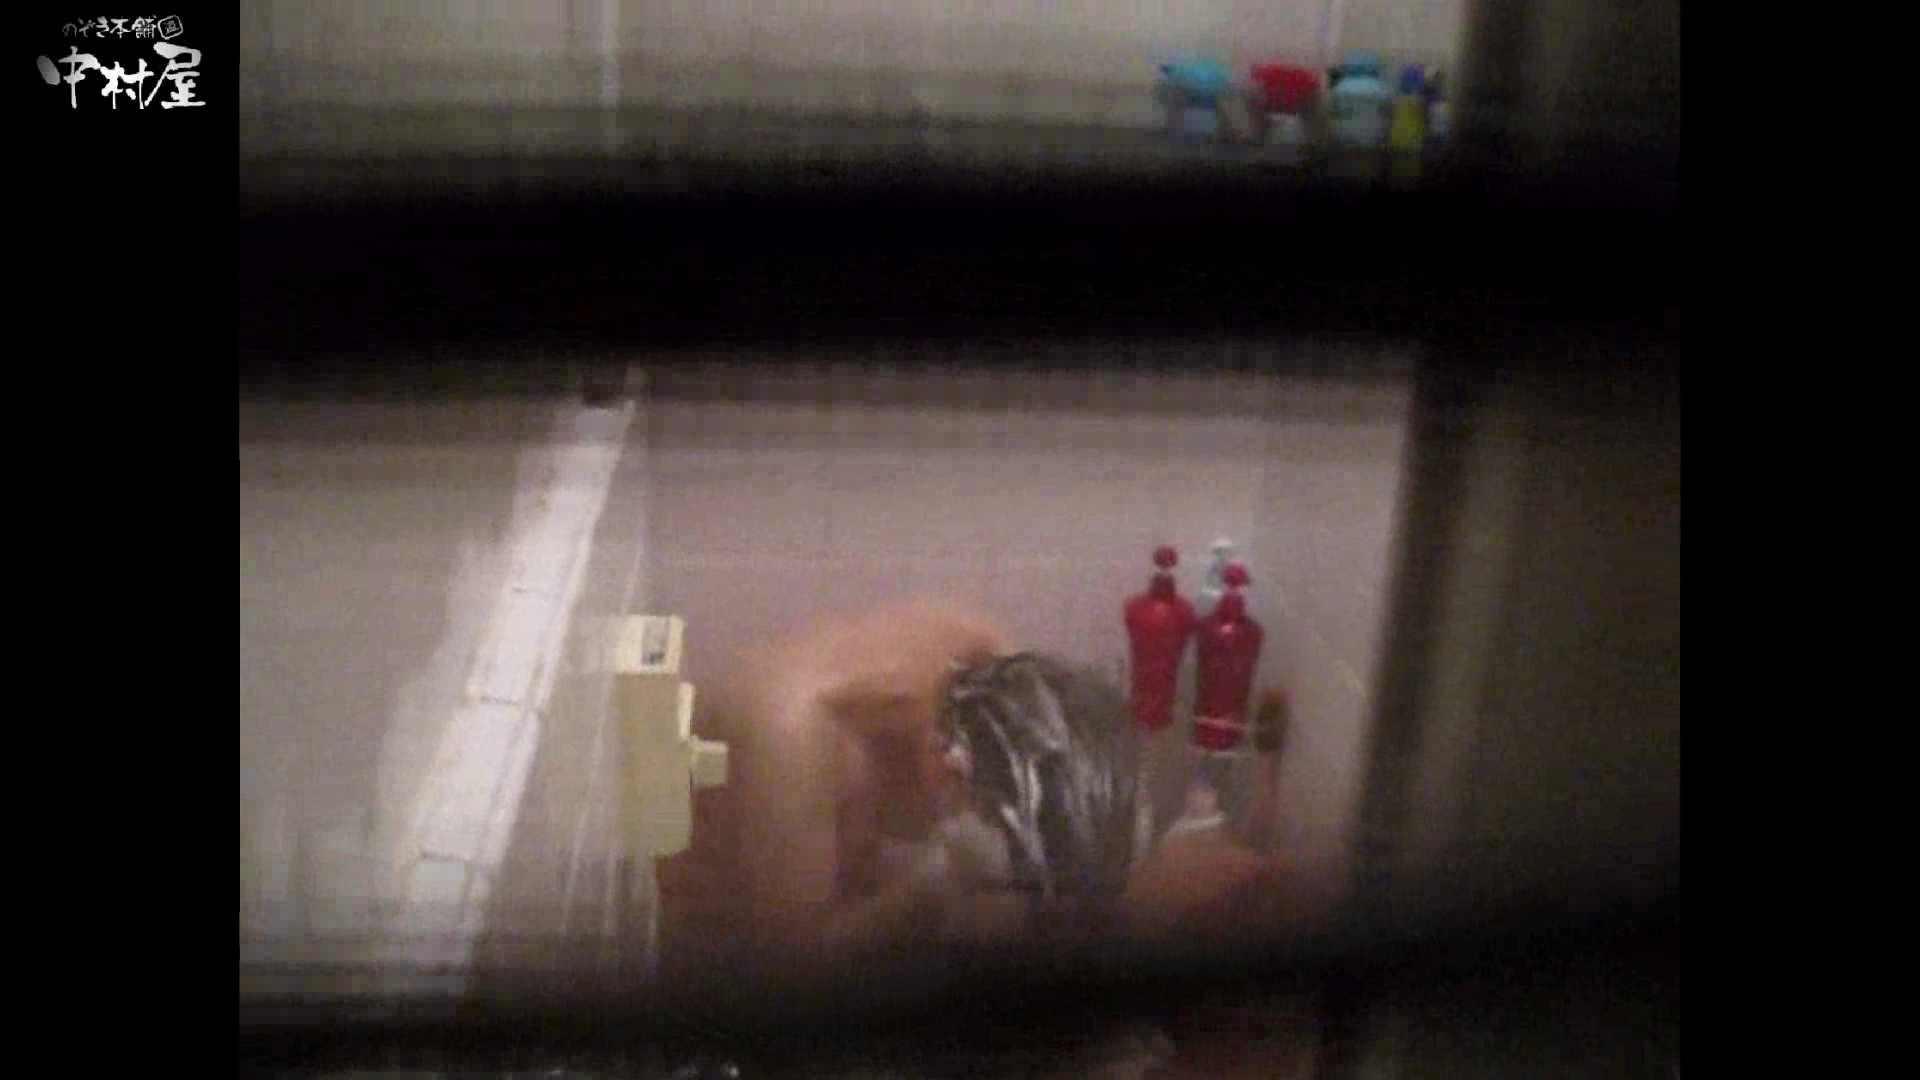 民家風呂専門盗撮師の超危険映像 vol.017 美女エロ画像 おめこ無修正動画無料 93PICs 70